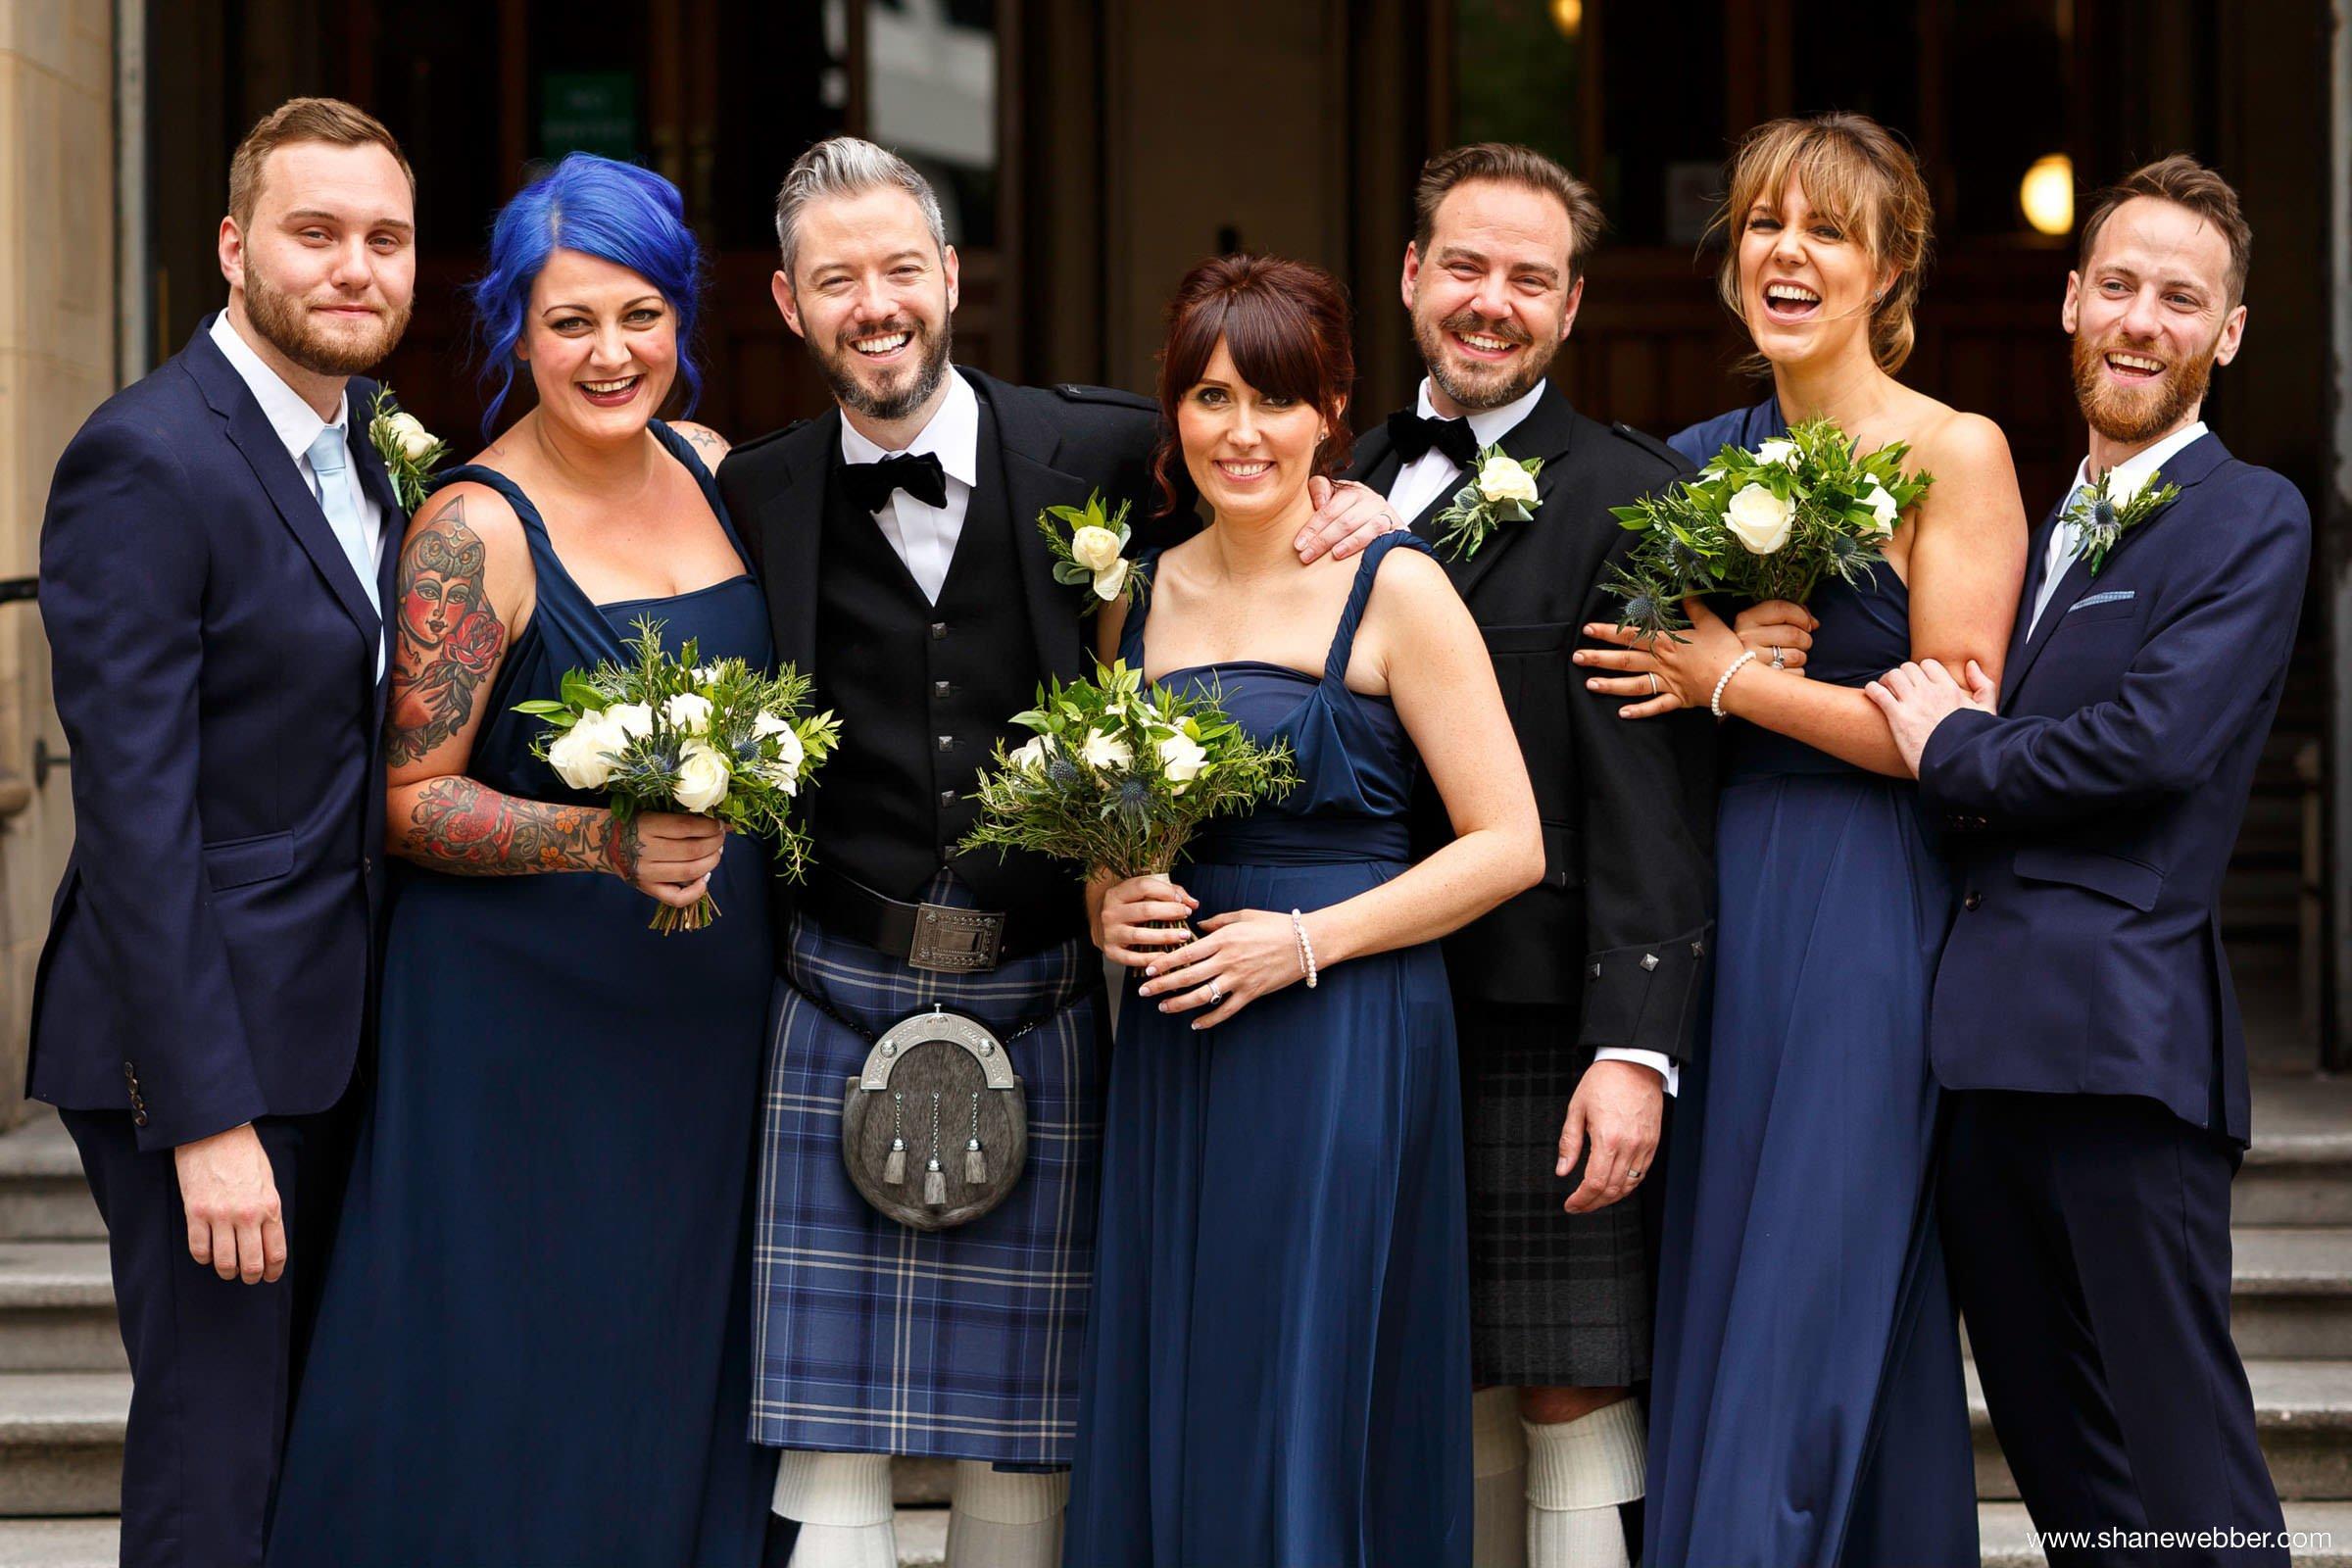 gay wedding photos